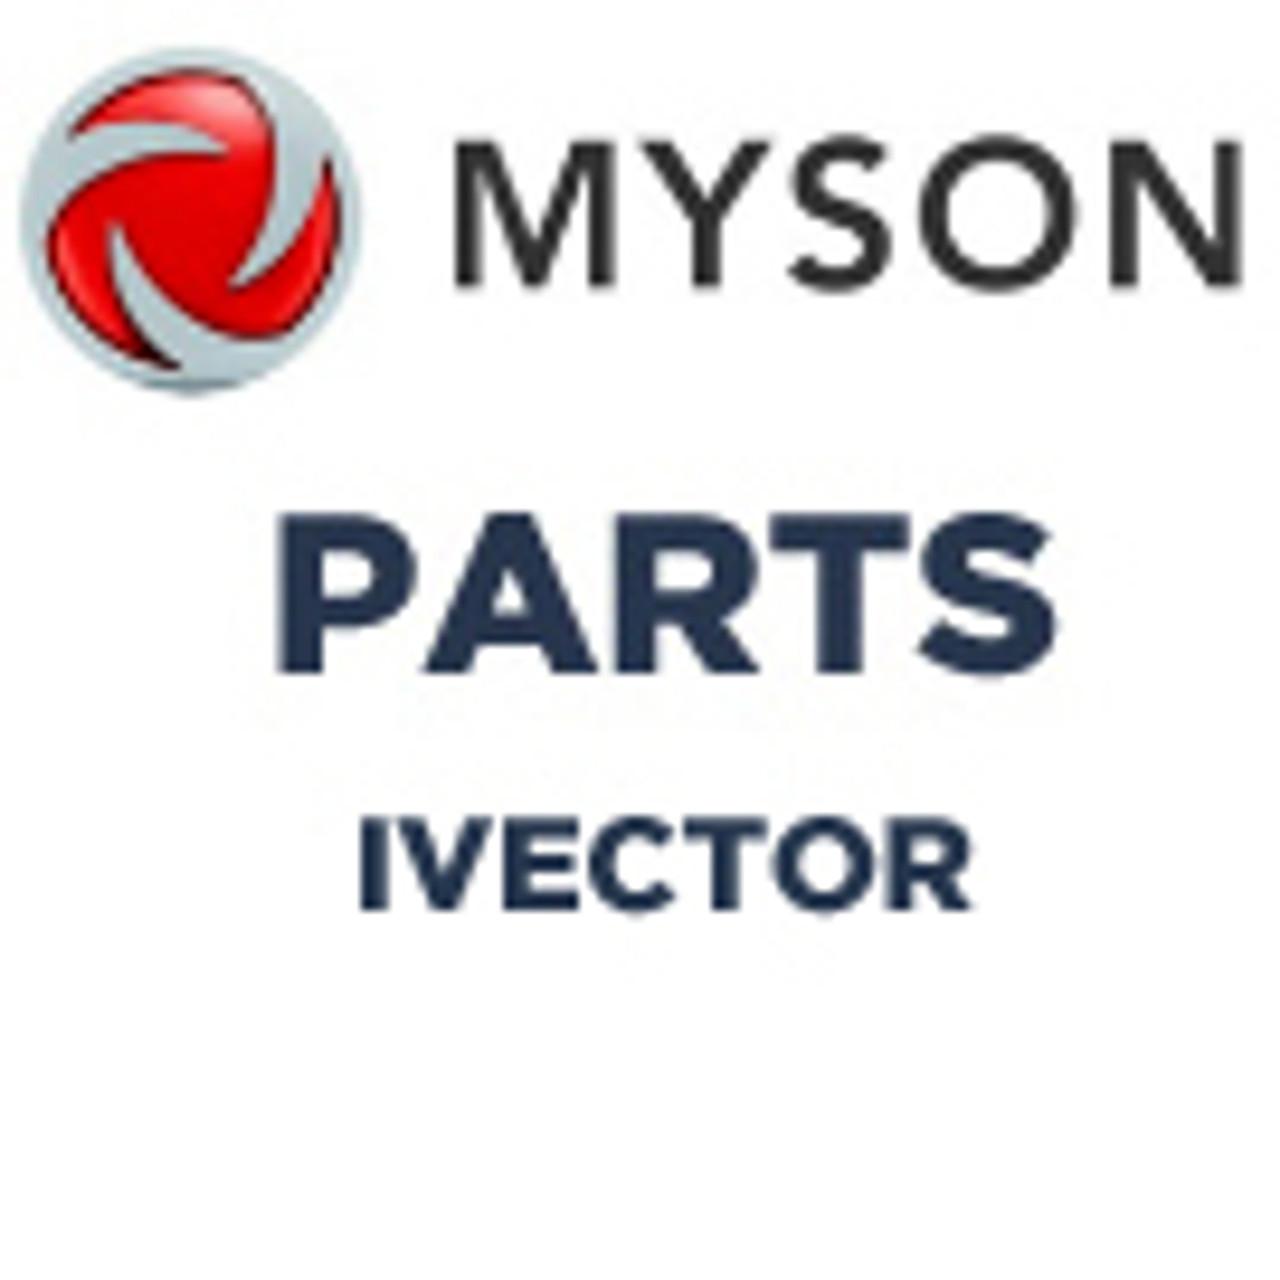 Myson iVector Parts